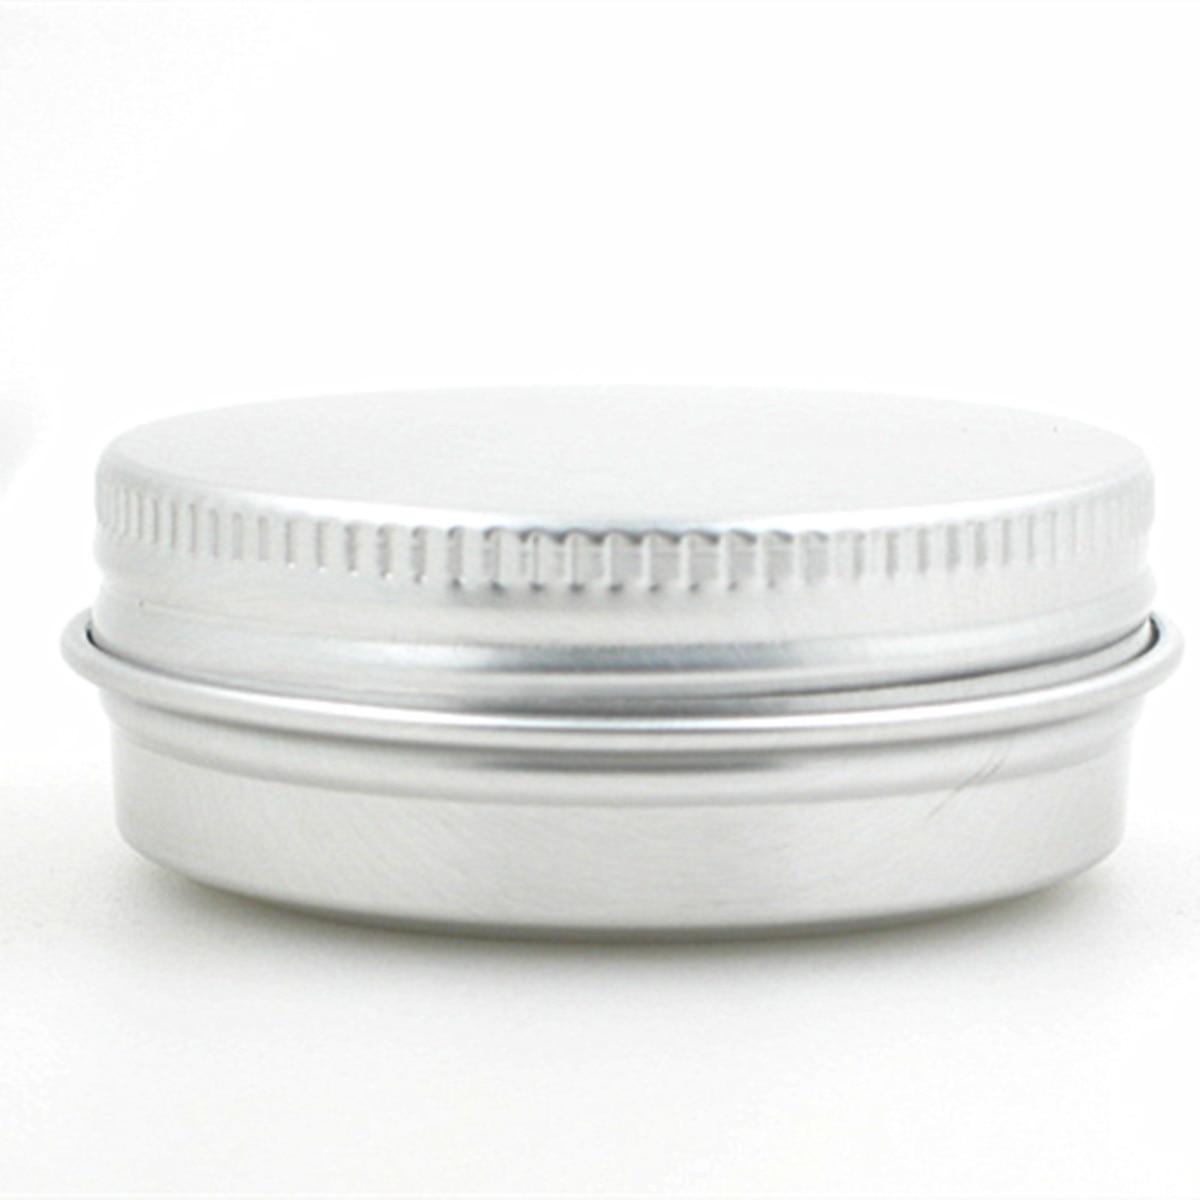 30 г/1 унций/30 мл алюминиевых банок/банок с винтовой резьбой, металлическая упаковка, контейнер - Цвет: sliver